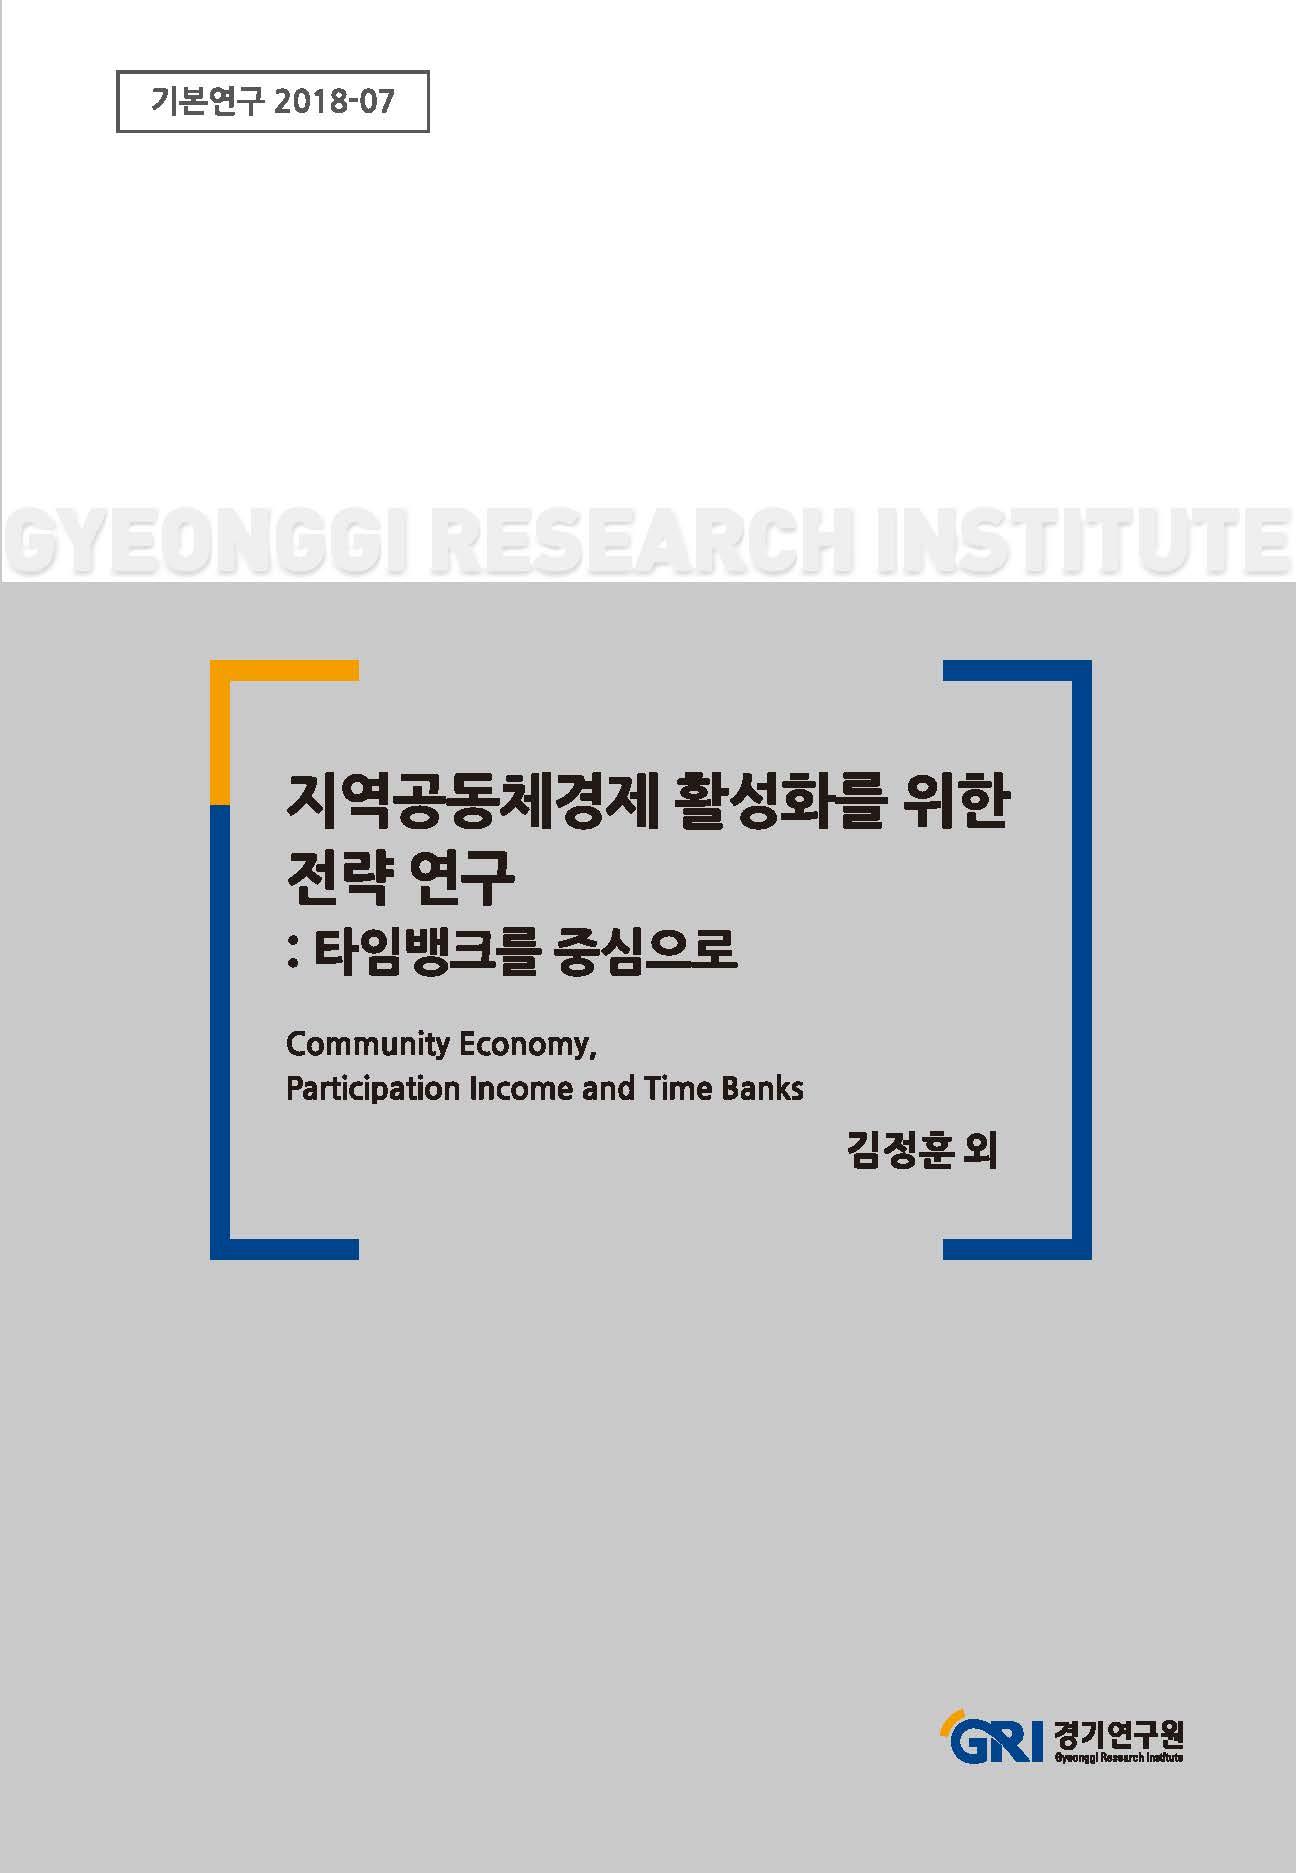 지역공동체경제 활성화를 위한 전략 연구 : 타임뱅크를 중심으로